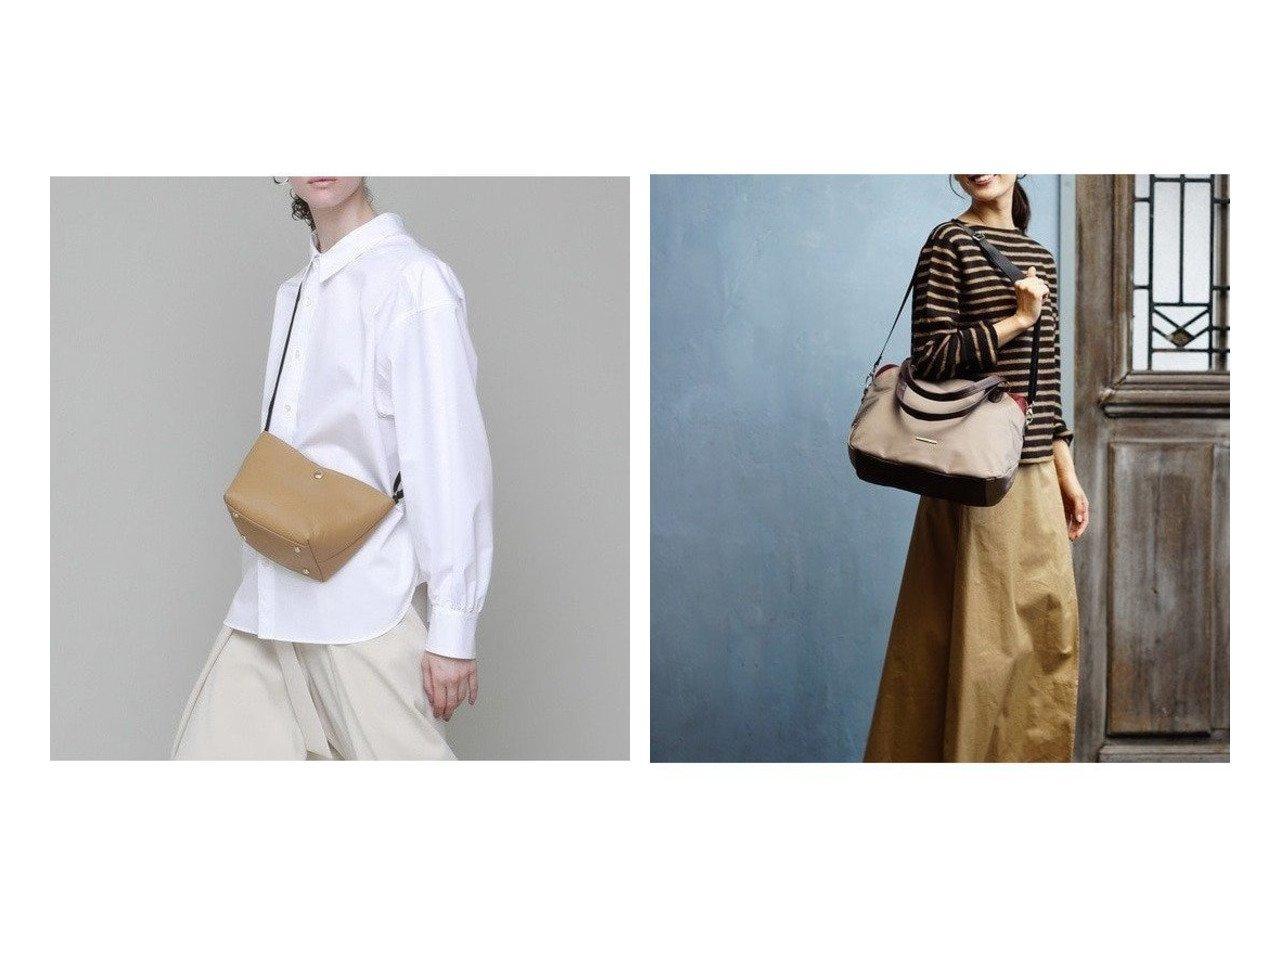 【SAC/サック】のA4対応2WAYトートバッグ/サックヴィバン&【TOPKAPI/トプカピ】のシュリンクレザー 2wayミニショルダーバッグ バッグのおすすめ!人気、レディースファッションの通販 おすすめで人気のファッション通販商品 インテリア・家具・キッズファッション・メンズファッション・レディースファッション・服の通販 founy(ファニー) https://founy.com/ ファッション Fashion レディース WOMEN バッグ Bag シンプル ショルダー ポケット マグネット ラップ ロング 人気 |ID:crp329100000003060